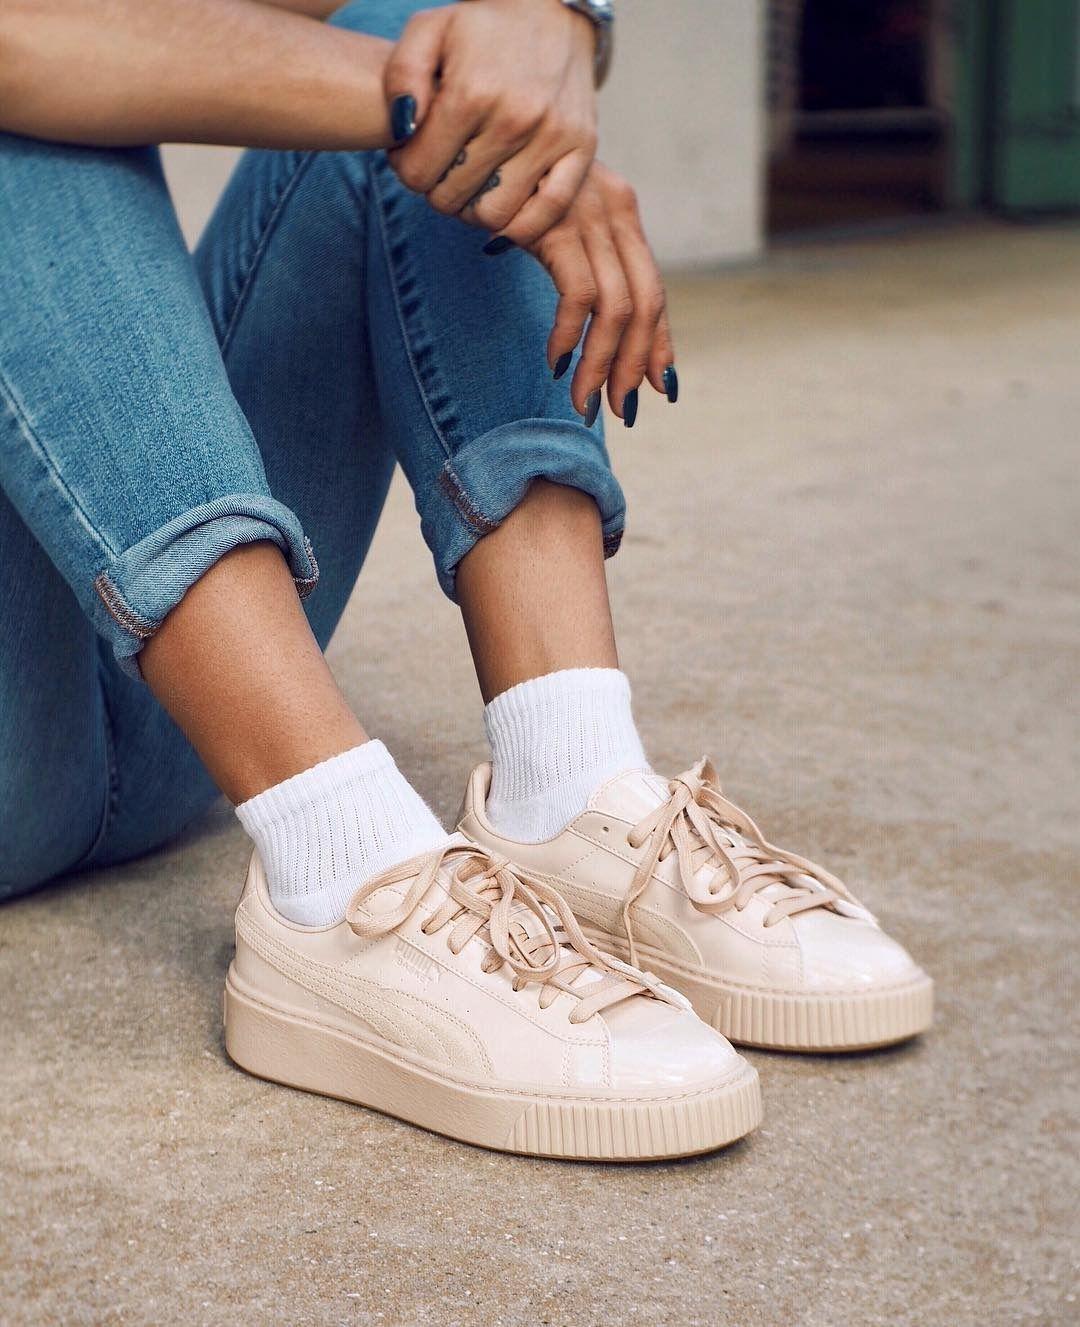 puma sneakers instagram